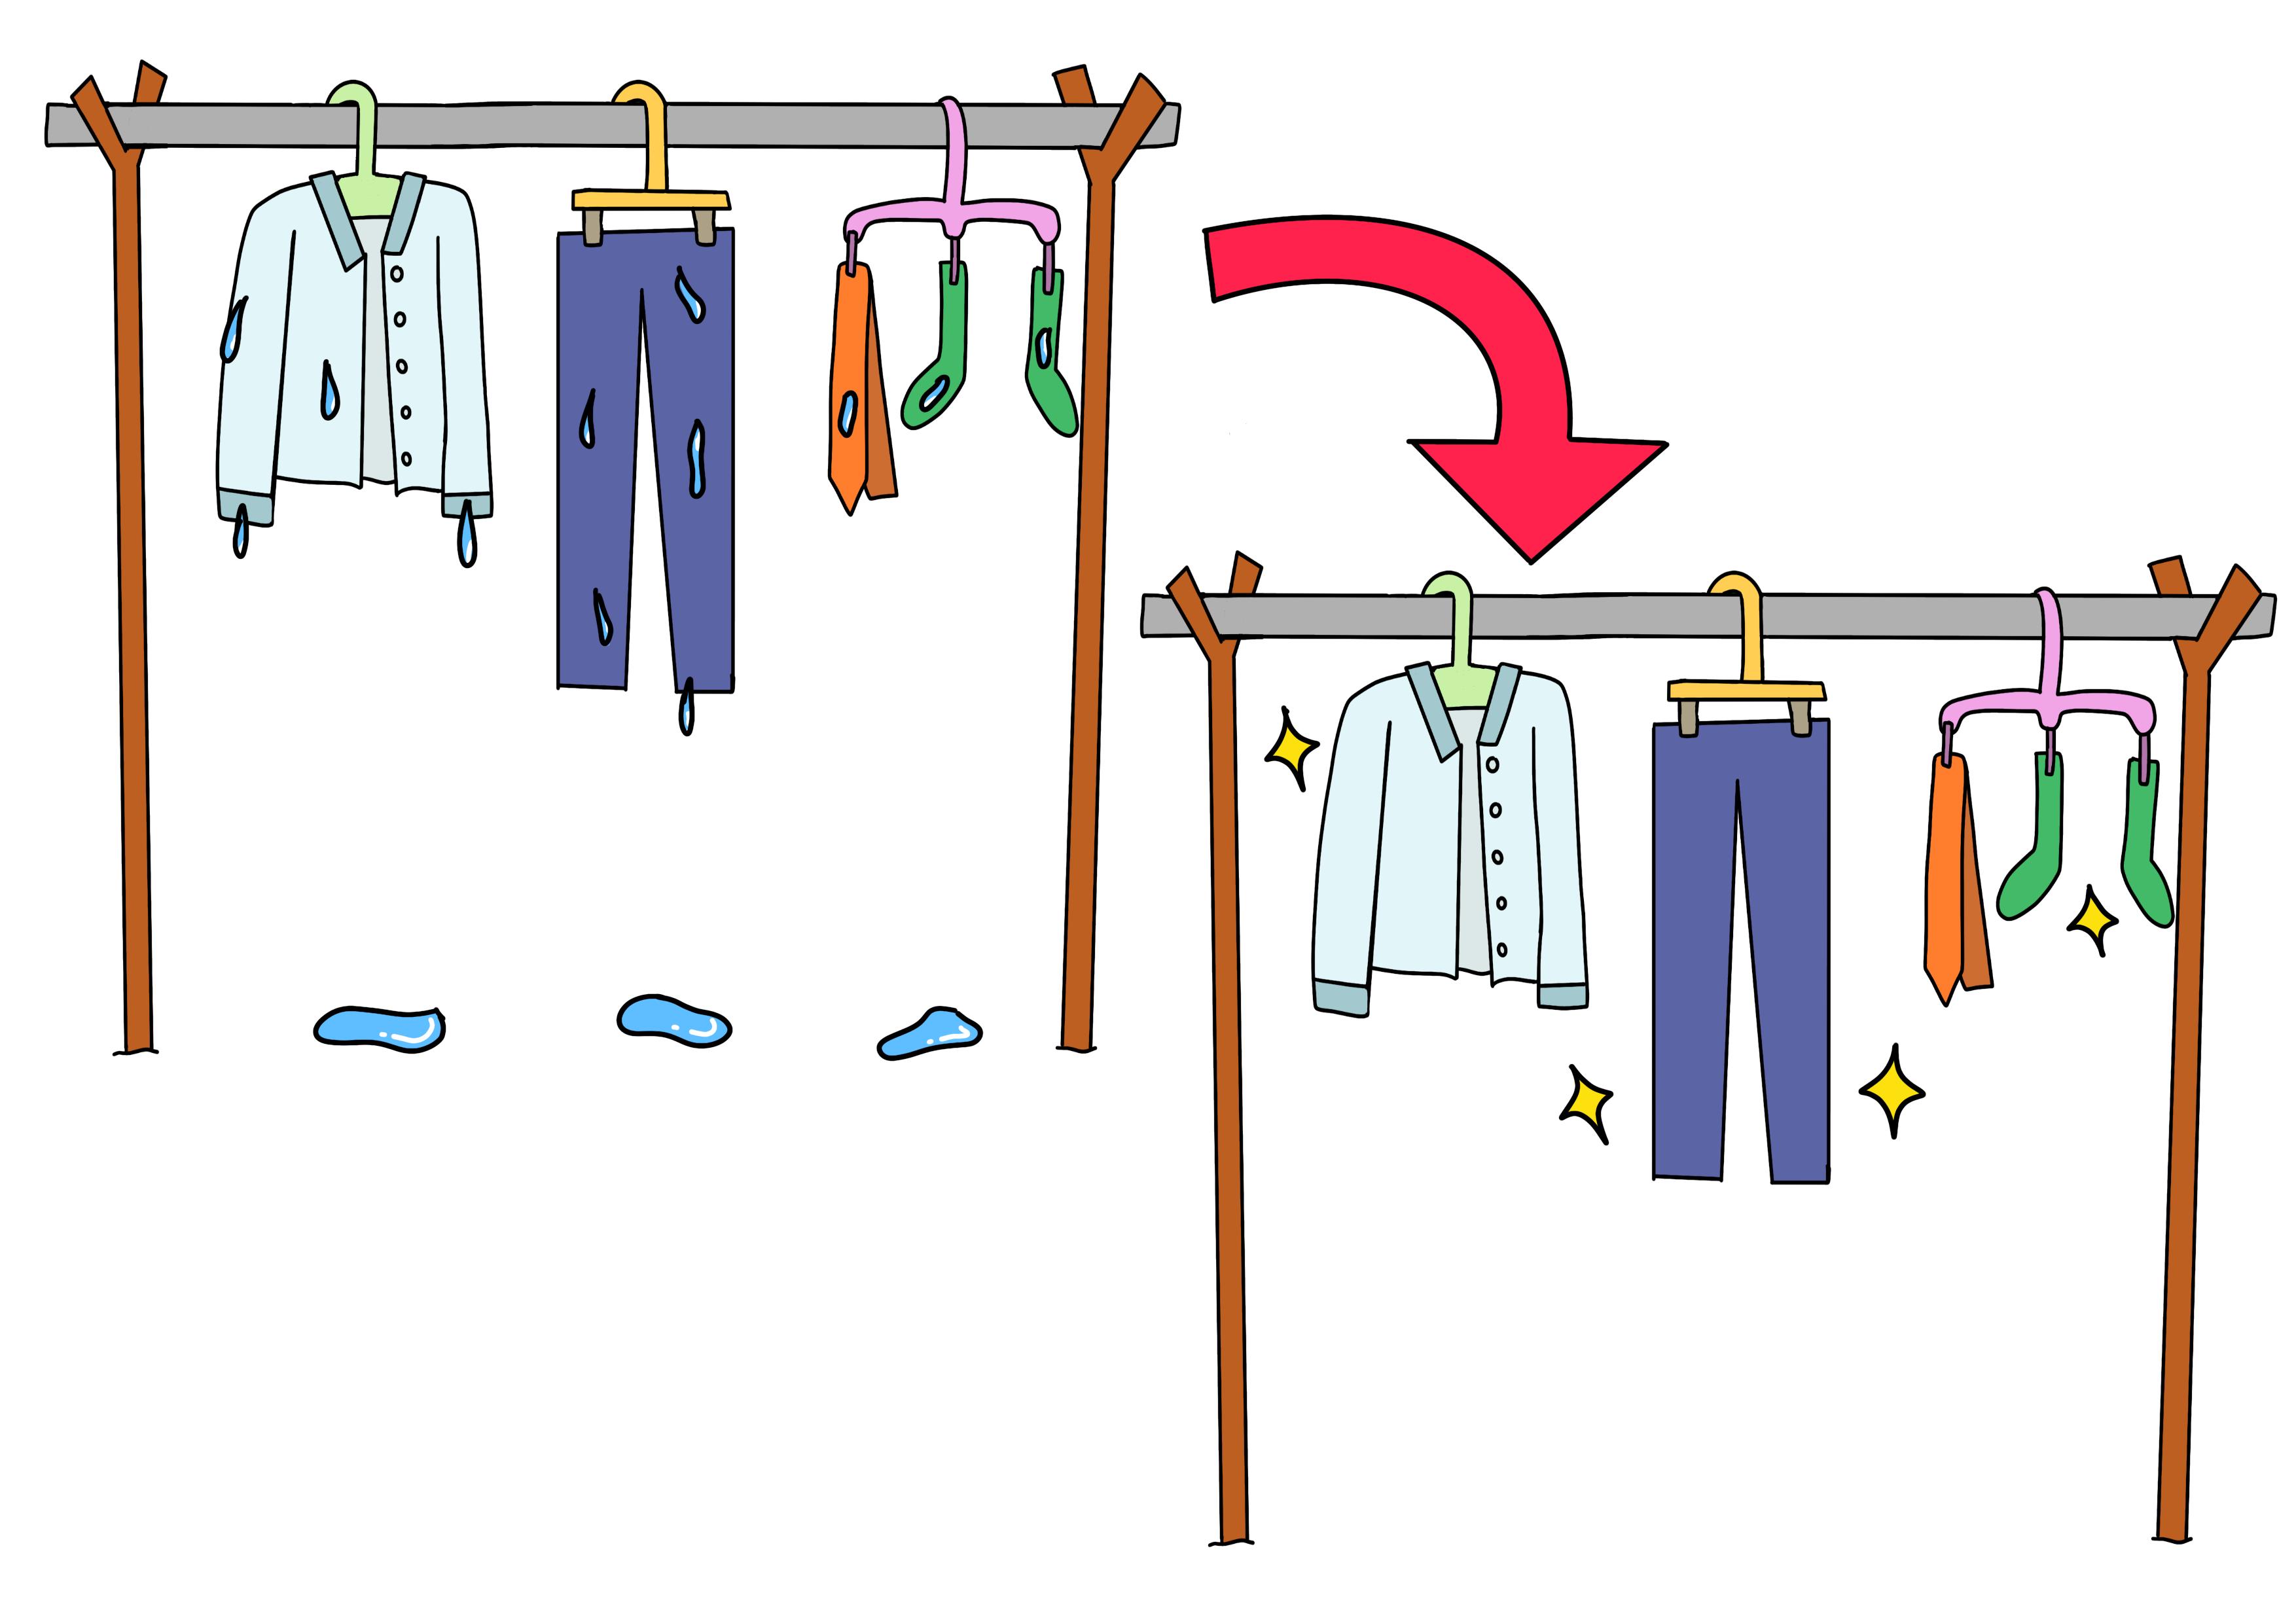 44課イラスト【洗濯物が乾く】